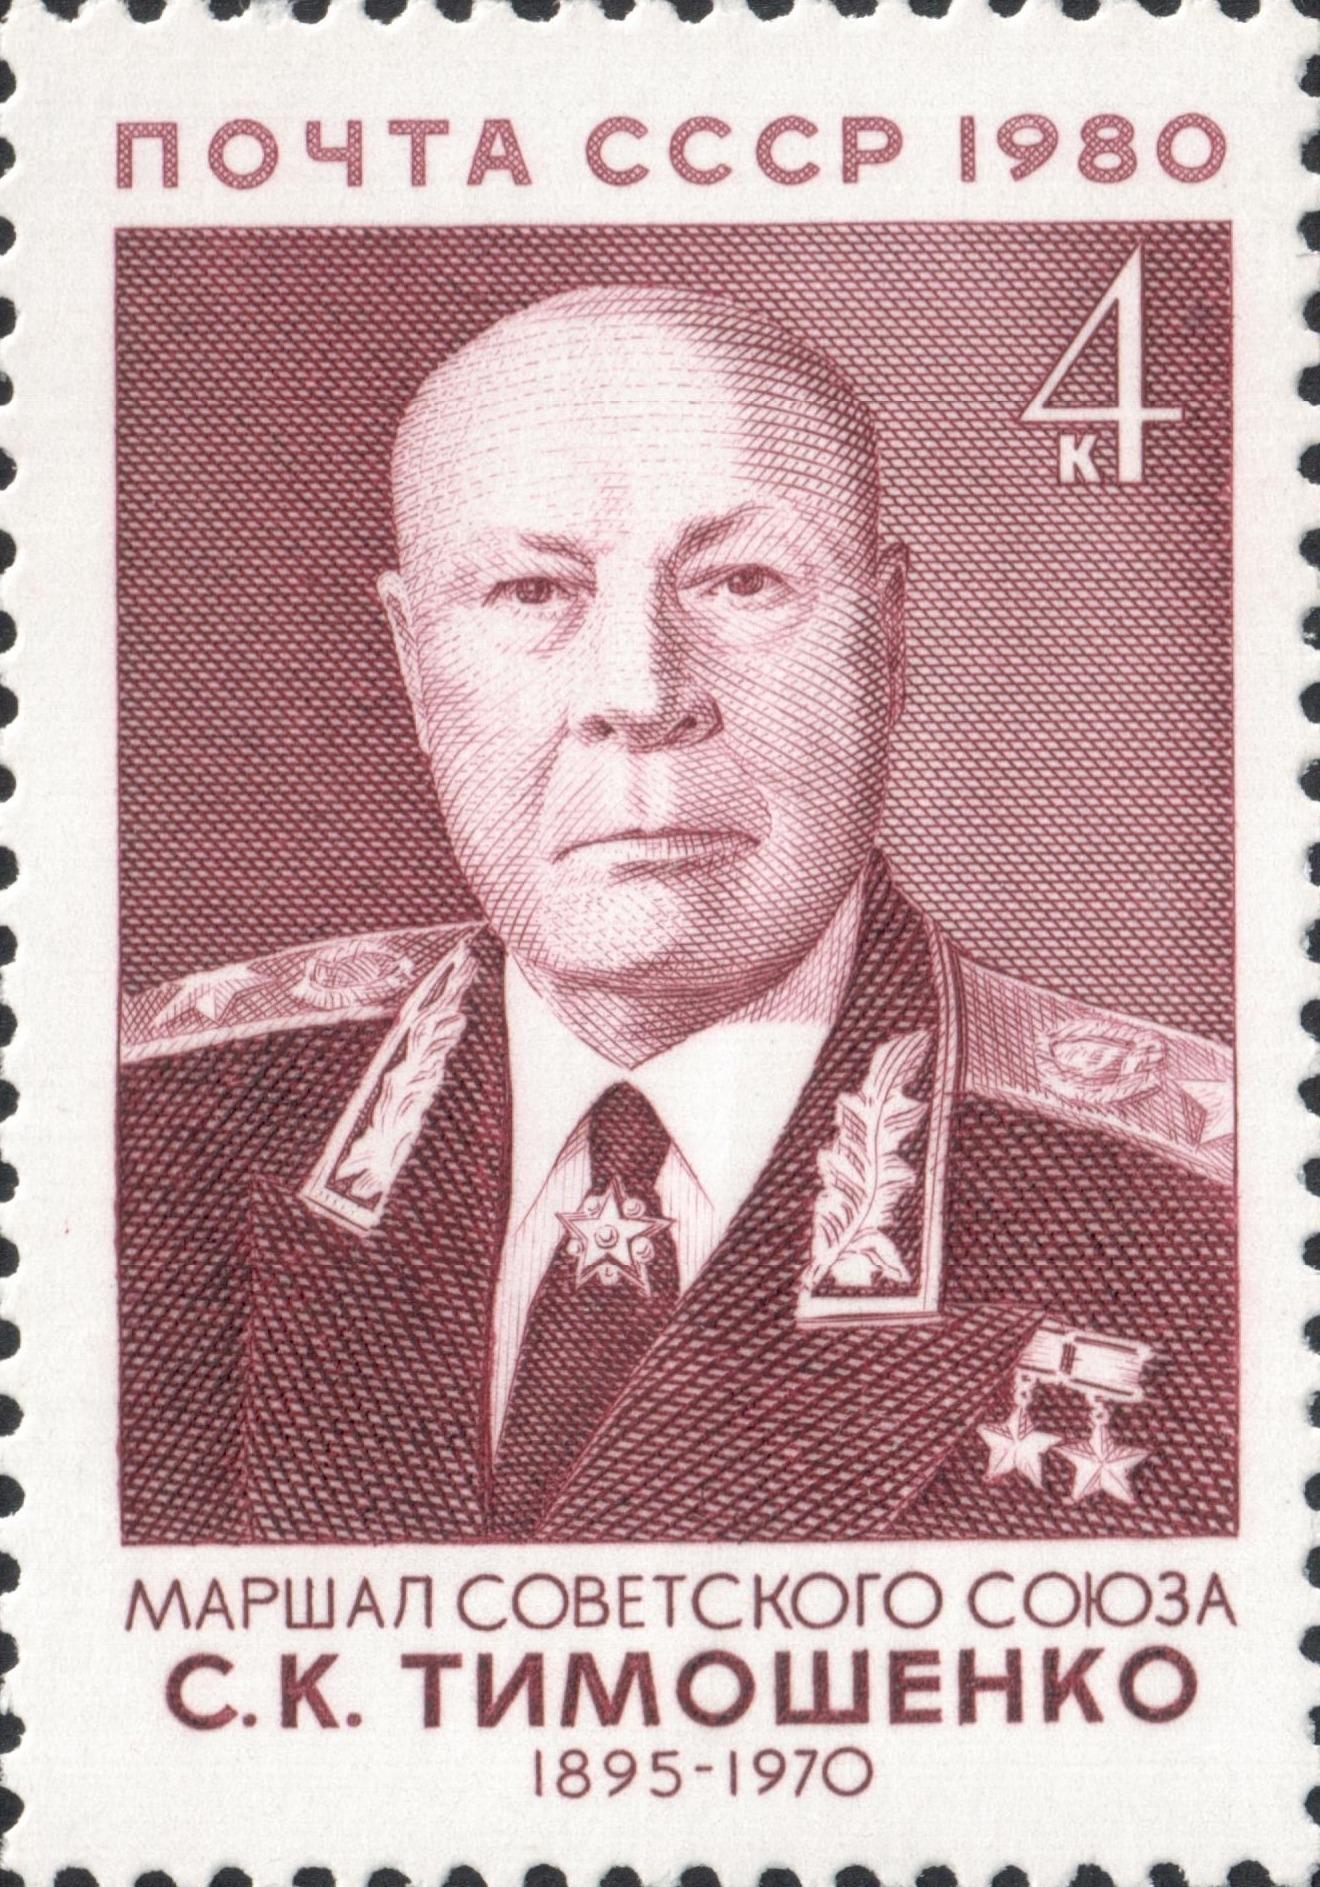 Маршал Советского Союза Семён Константинович Тимошенко